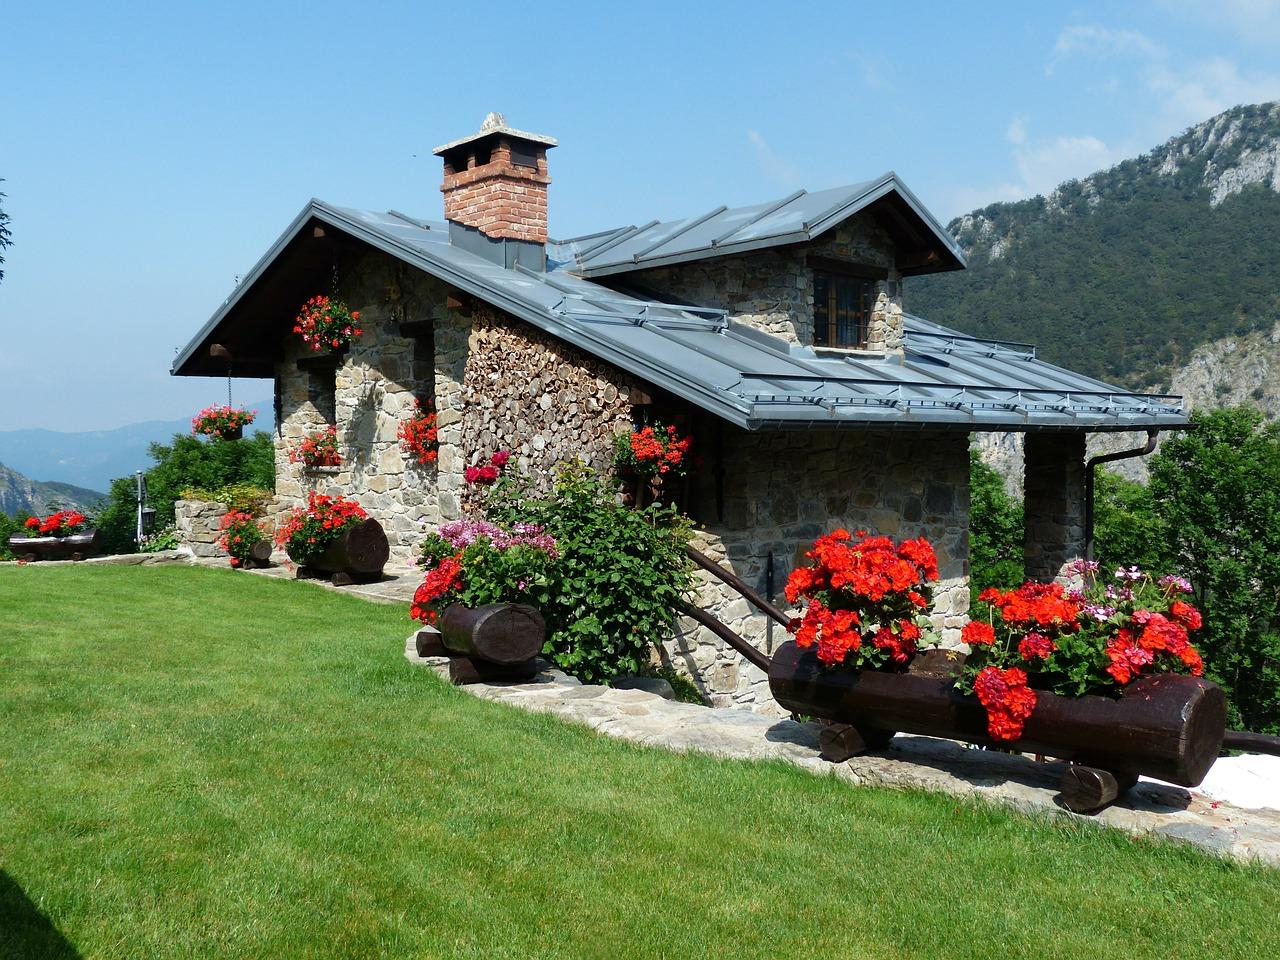 Odpowiedni ogród doskonałym uzupełnieniem każdego domu